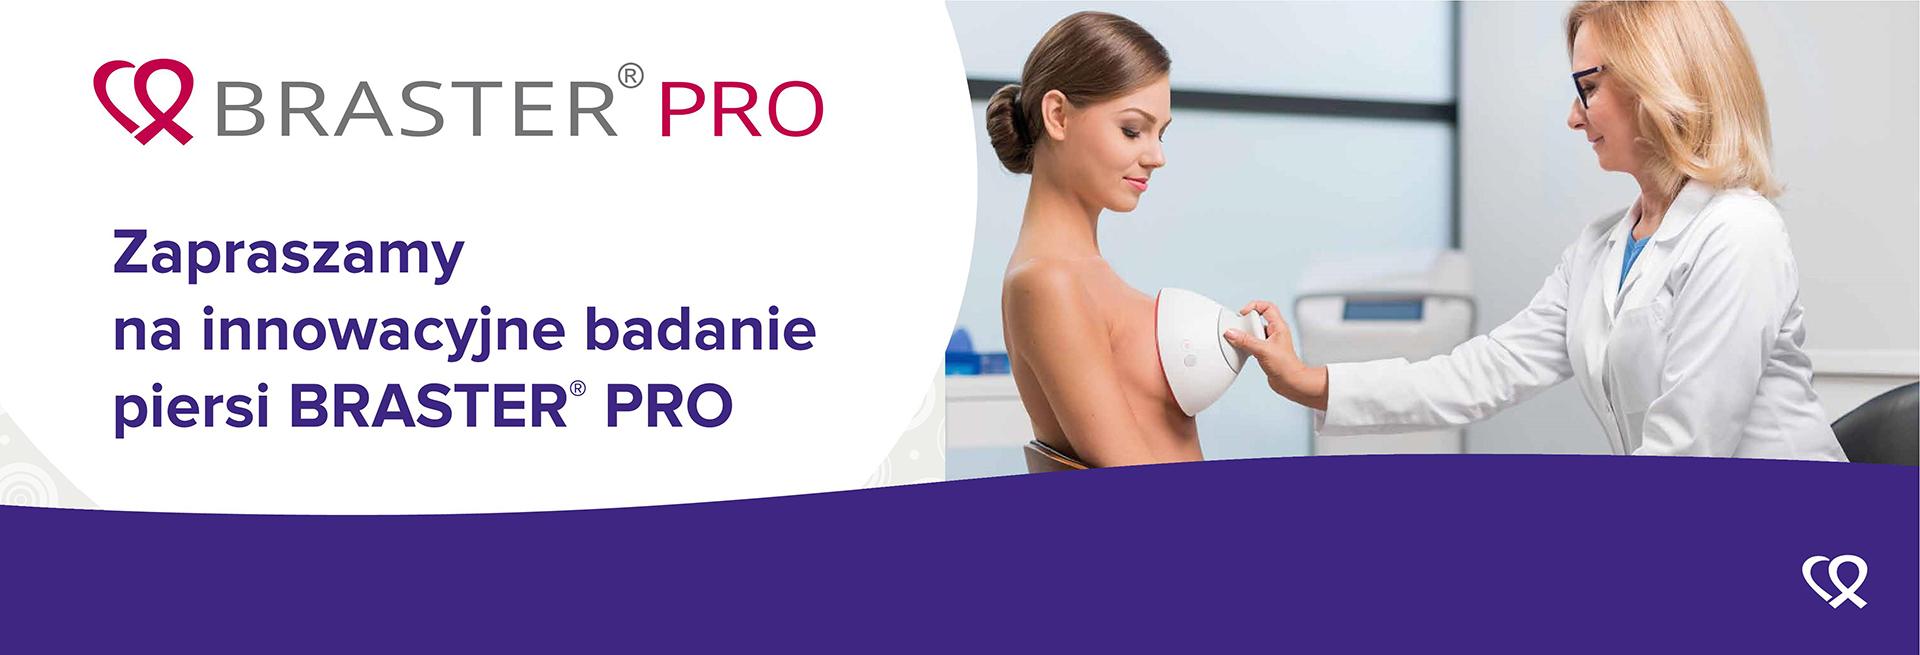 Braster Pro - zaproszenie na badanie piersi